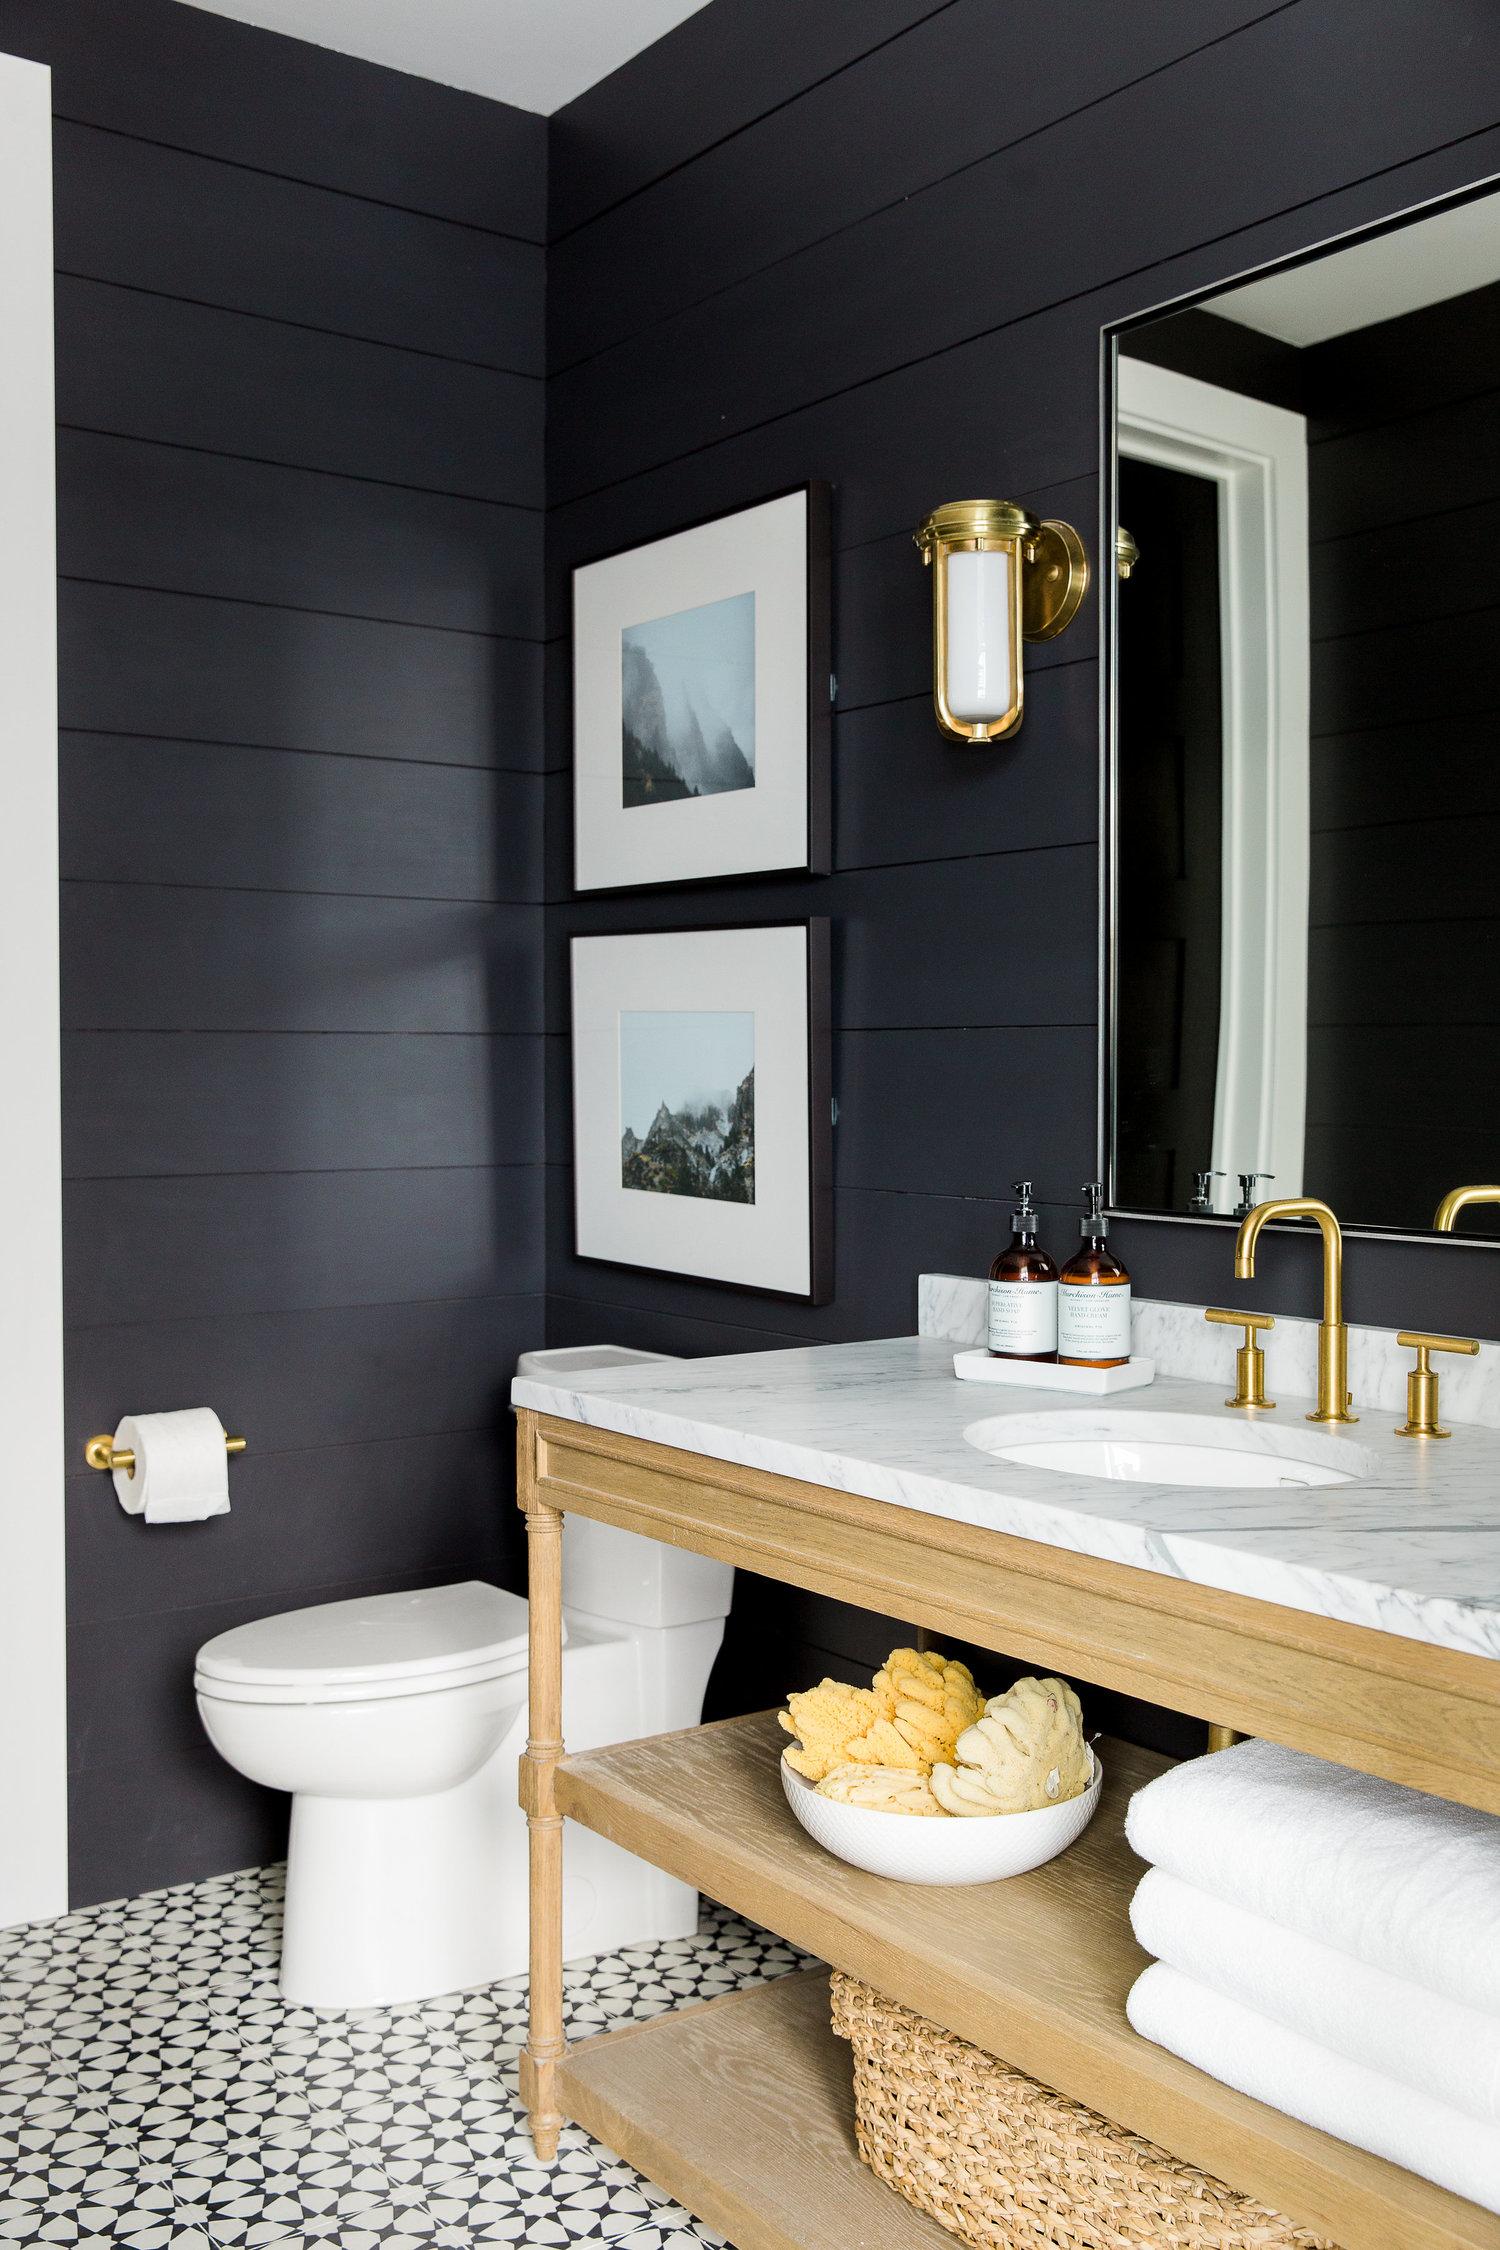 Toilet and vanity in dark shiplap bathroom